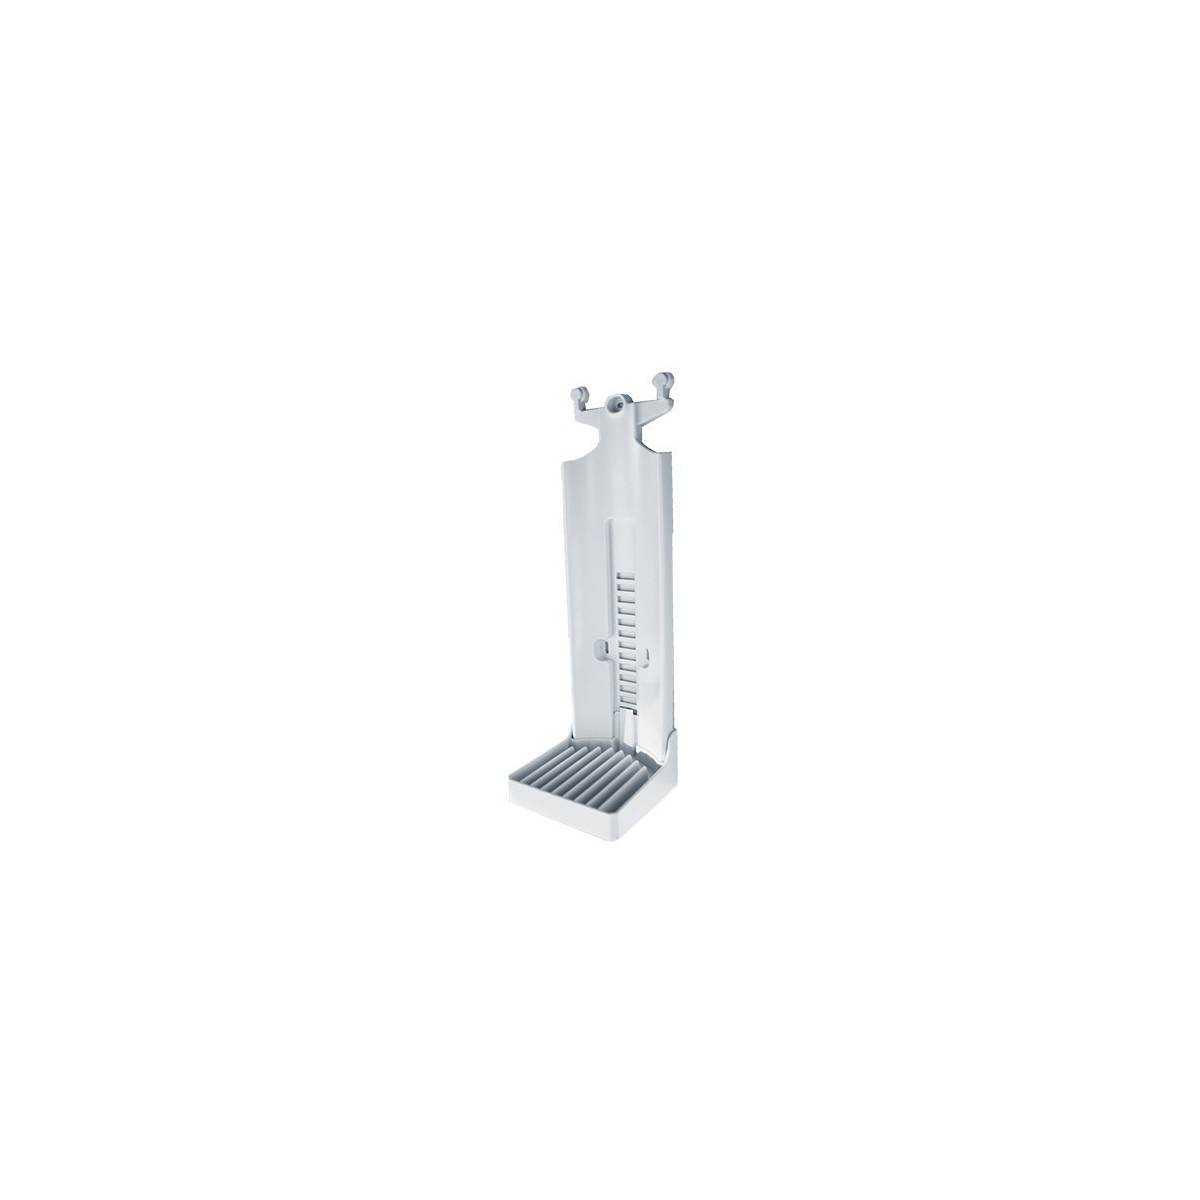 Каплеуловитель Drip Tray 9900107268 Seko